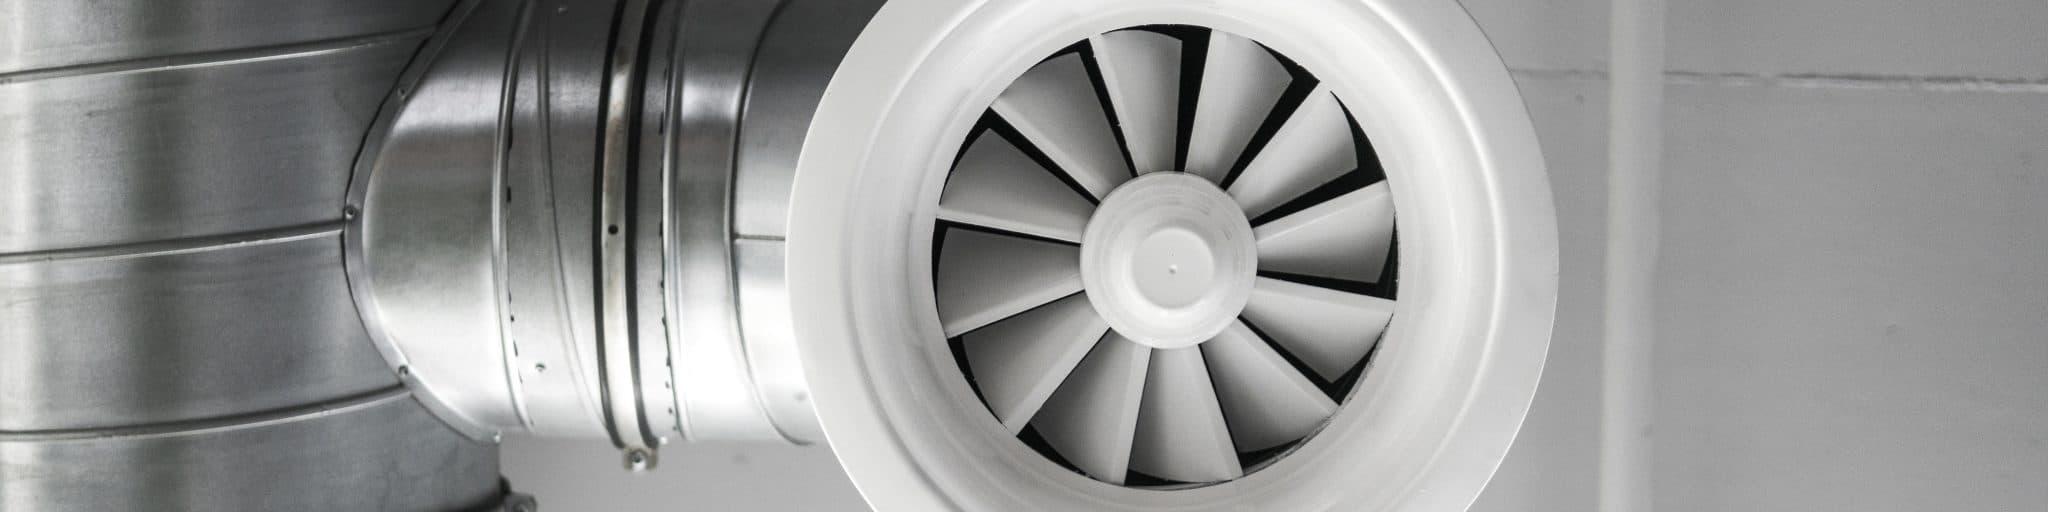 Voldoet uw school aan de ventilatie-eisen van het RIVM?